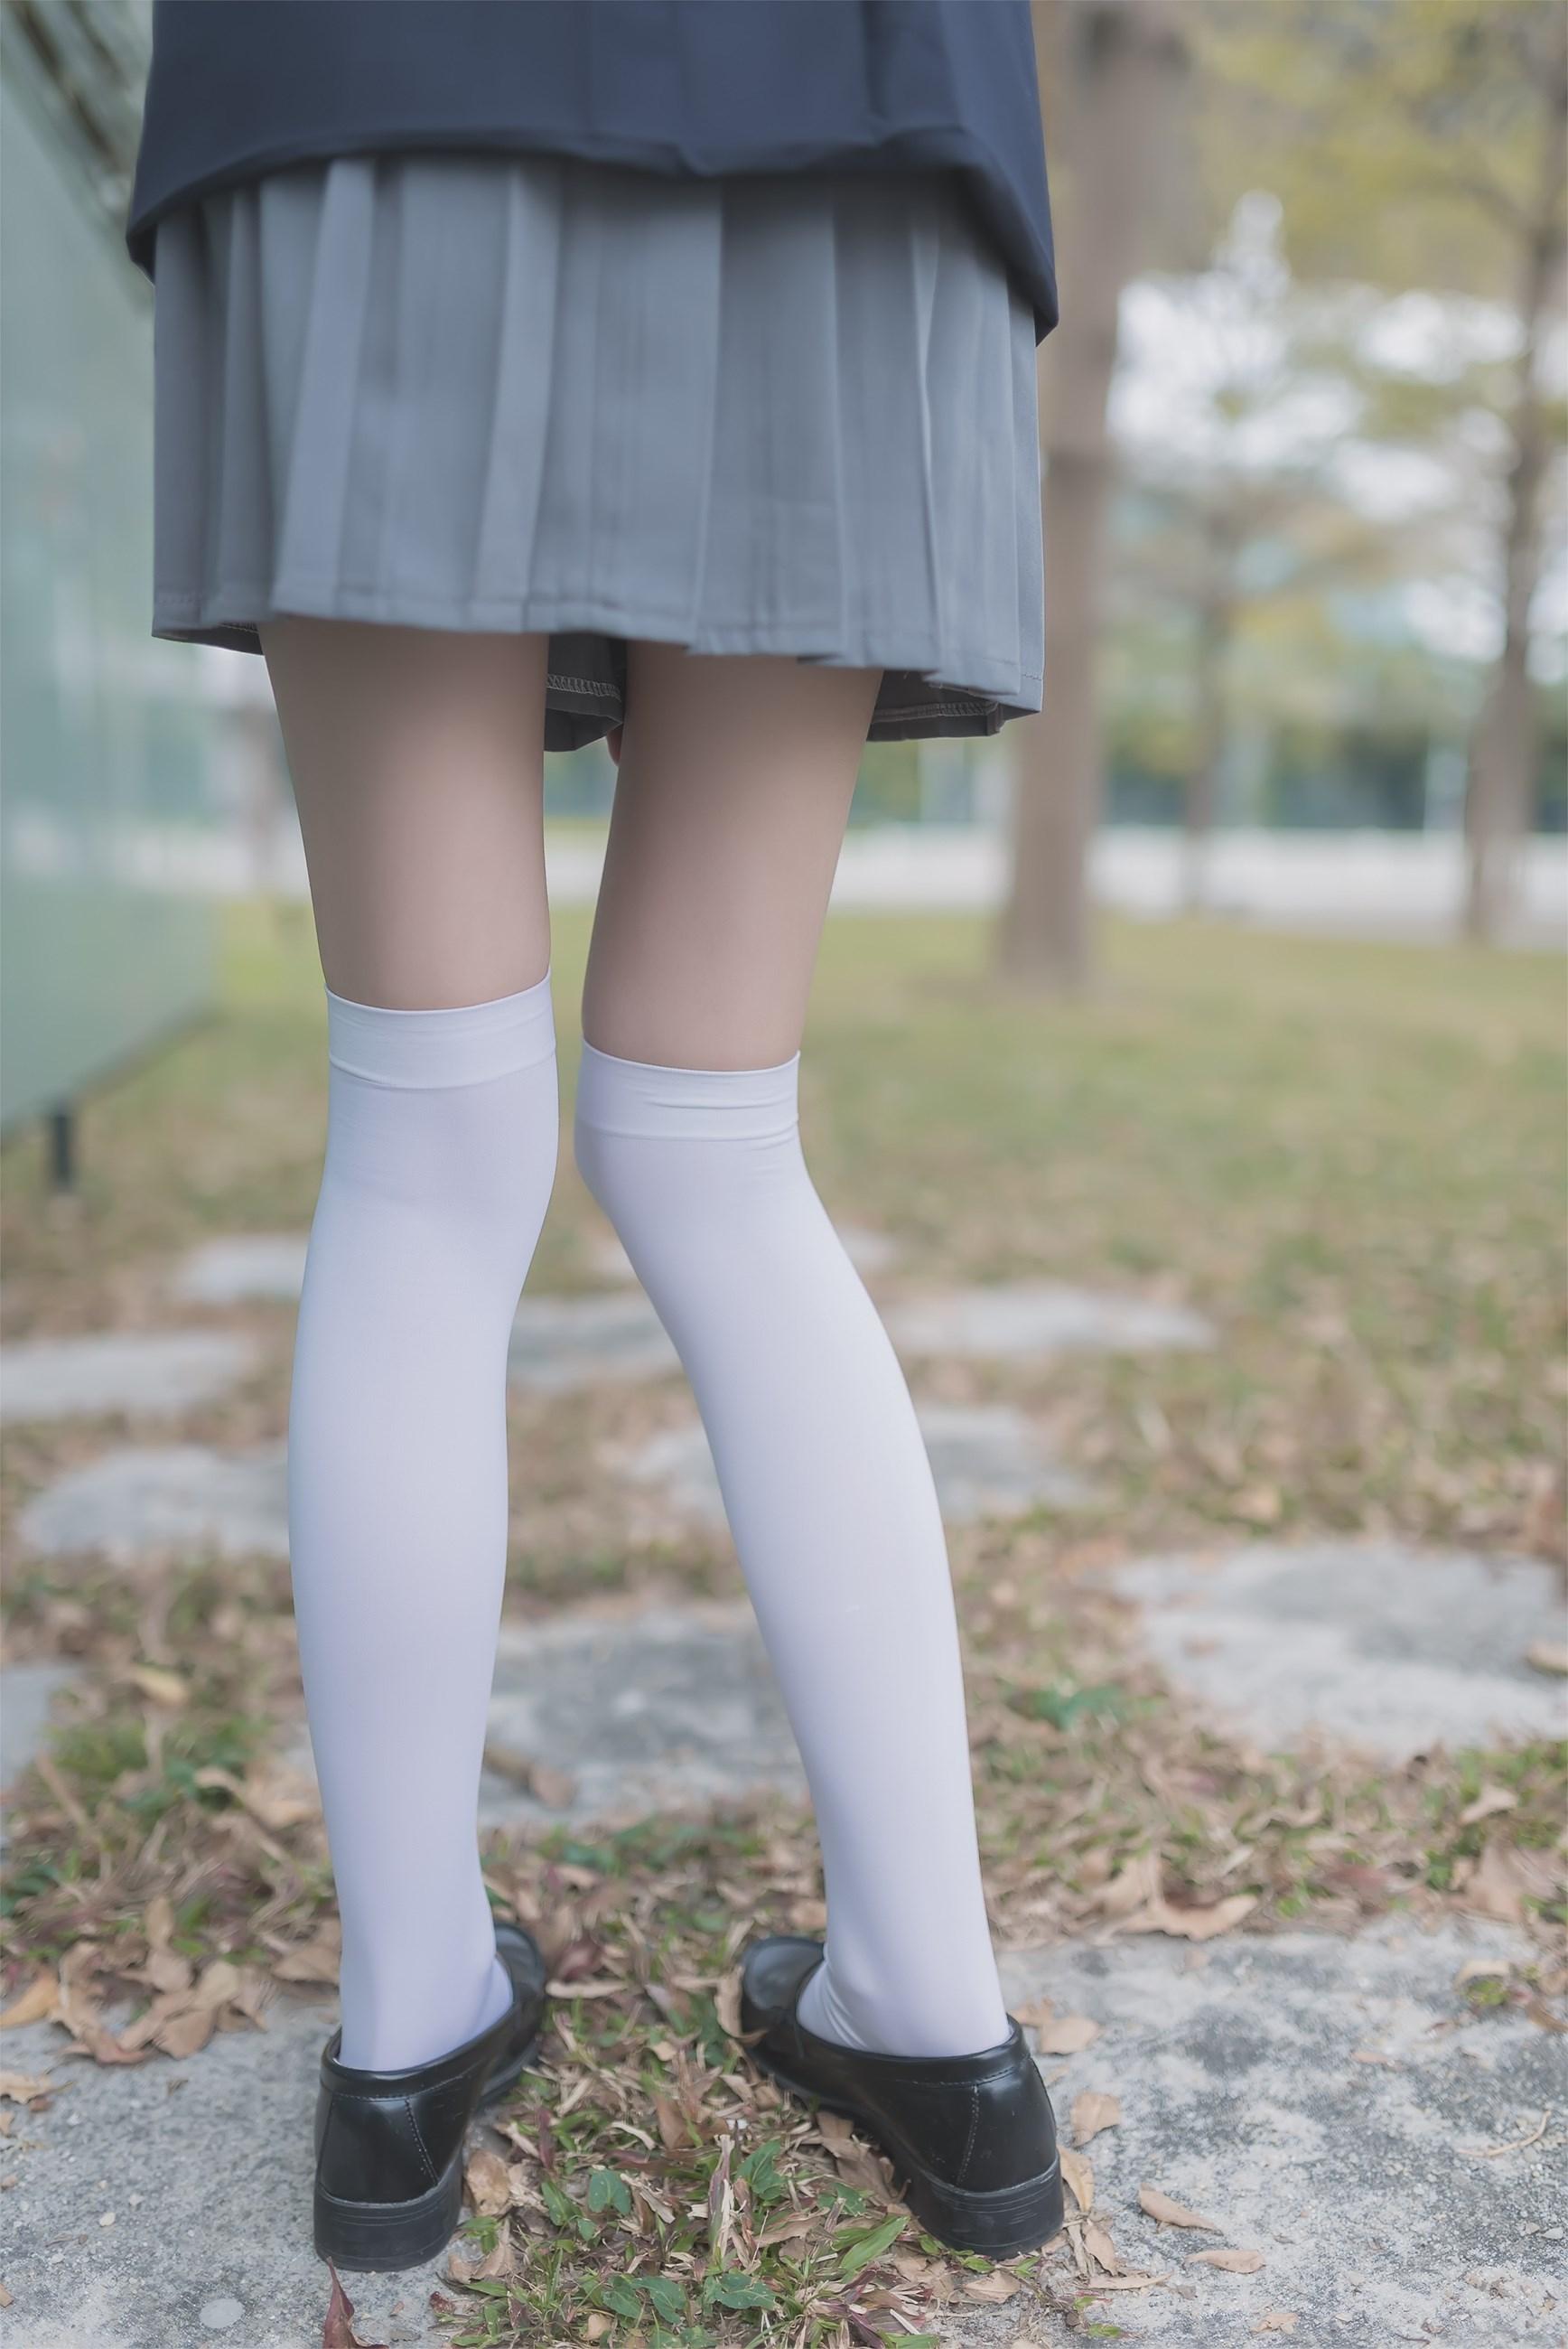 【兔玩映画】黑丝和白丝,你更喜欢哪个? 兔玩映画 第46张